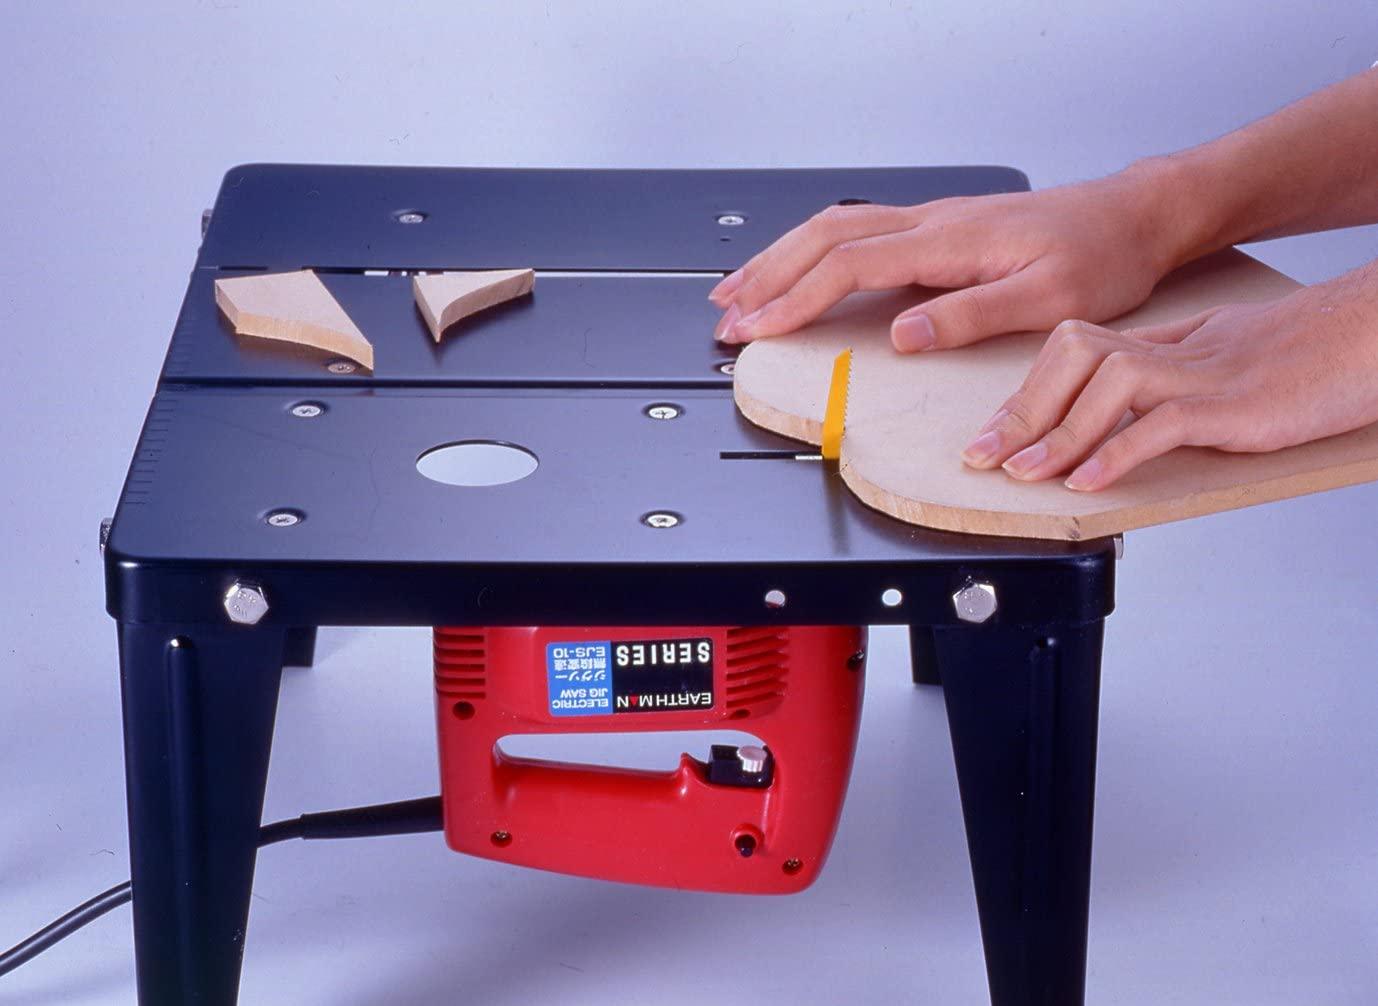 ジグソーテーブルとは?作業台にジグソーを固定し精密なカットが行えるもの